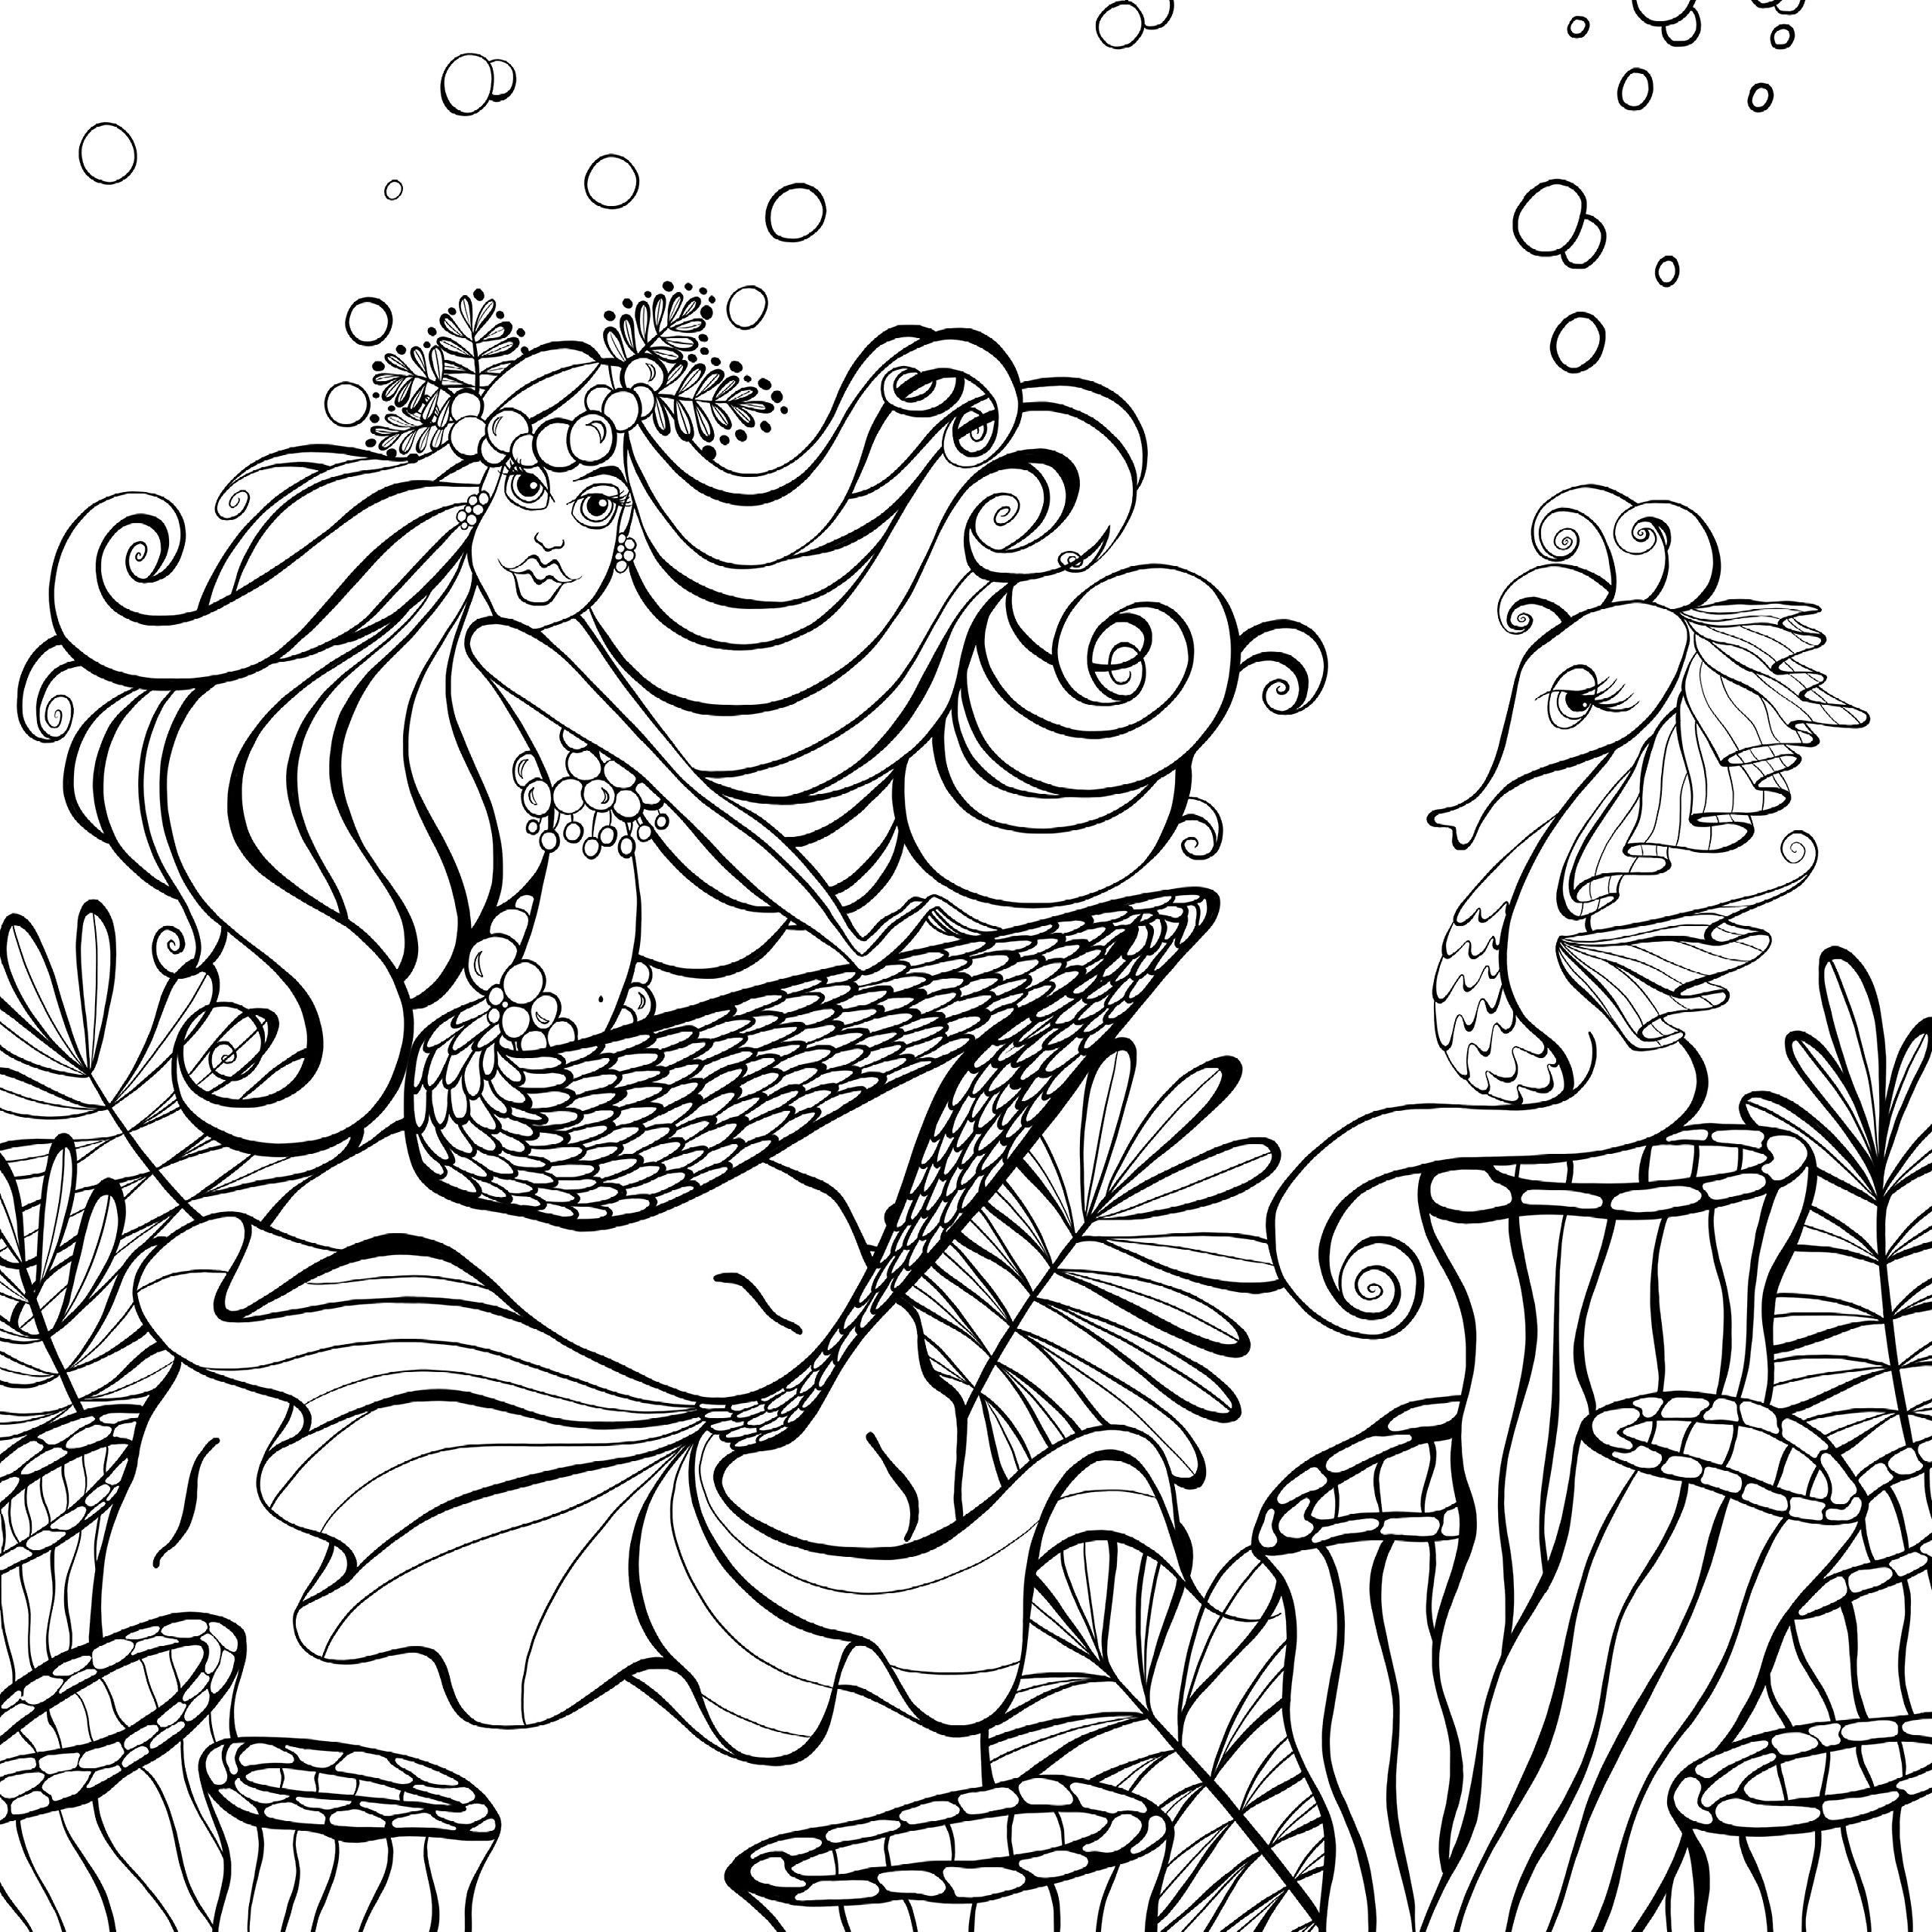 Раскраски для взрослых антистресс «Смешная русалка красавица», чтобы распечатать